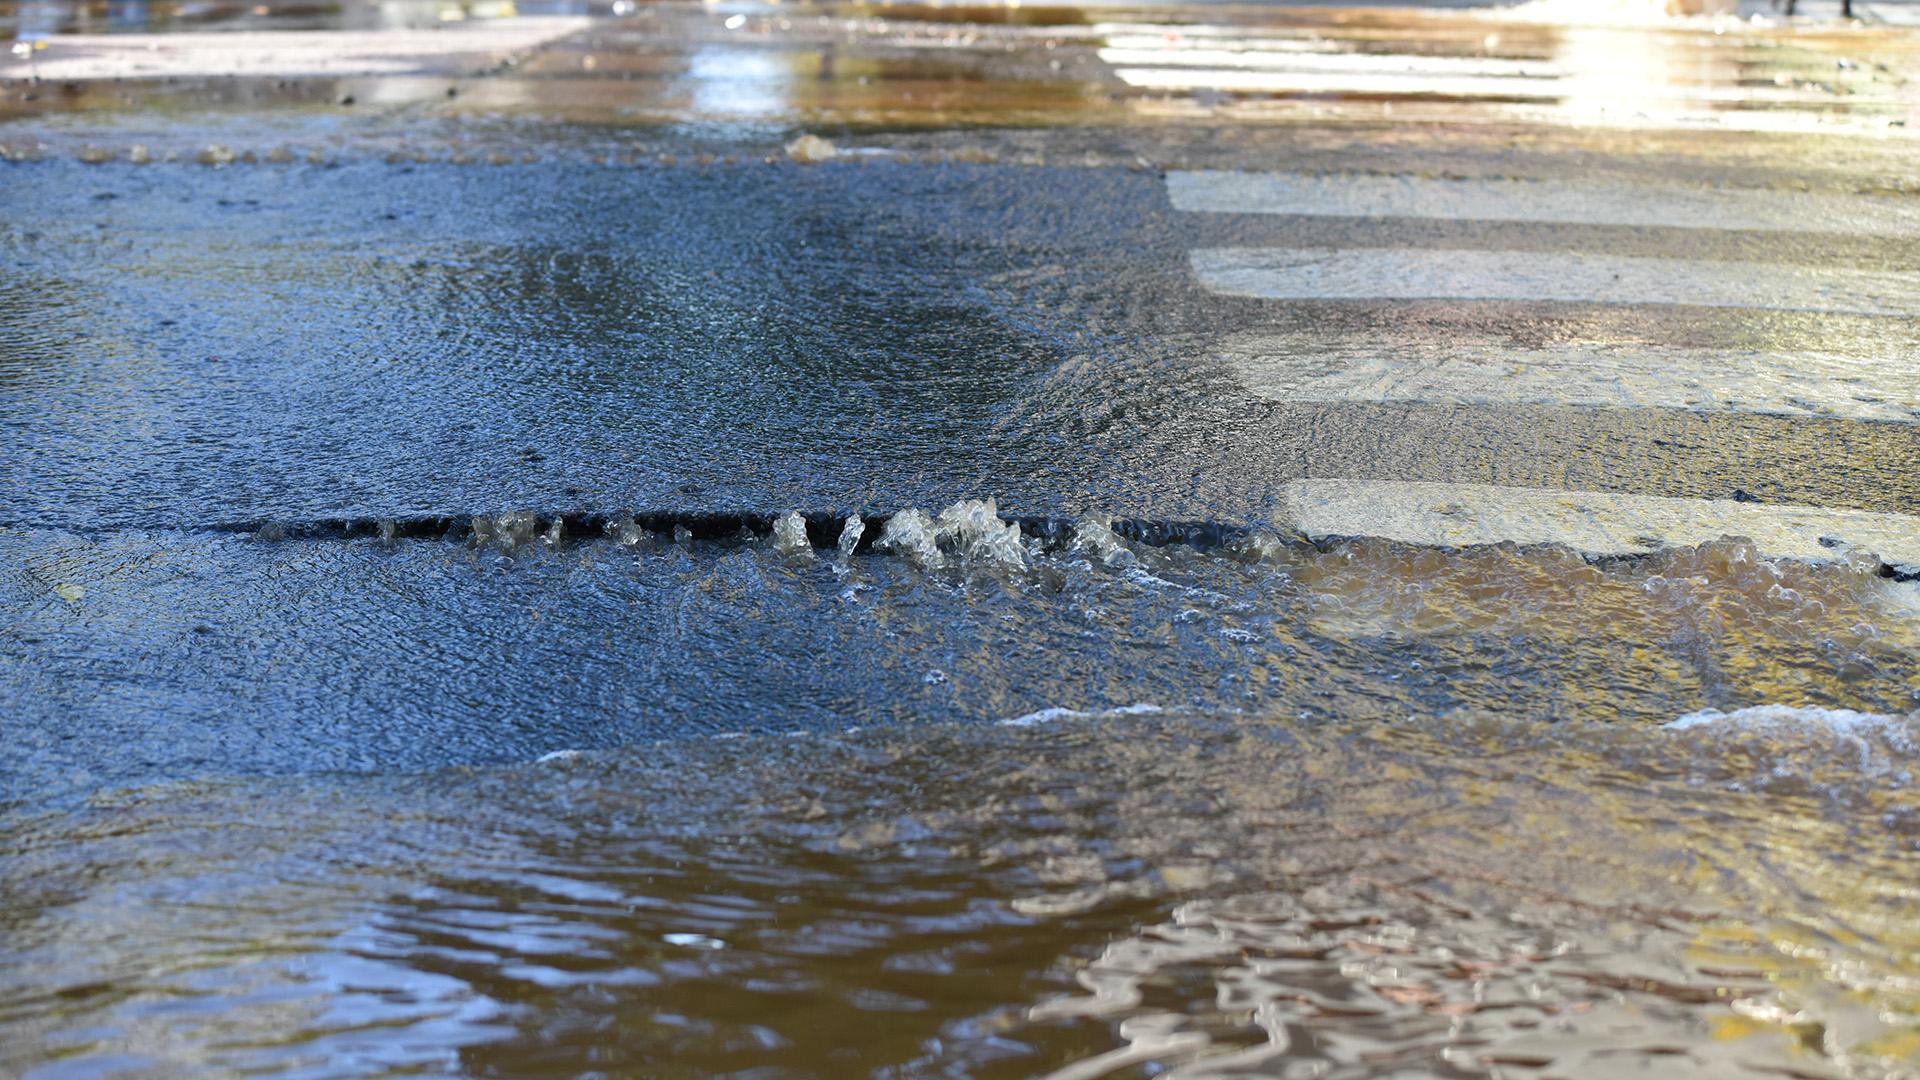 En redes sociales, muchos vecinos denunciaron que se encuentran sin agua desde hace varios días en Palermo